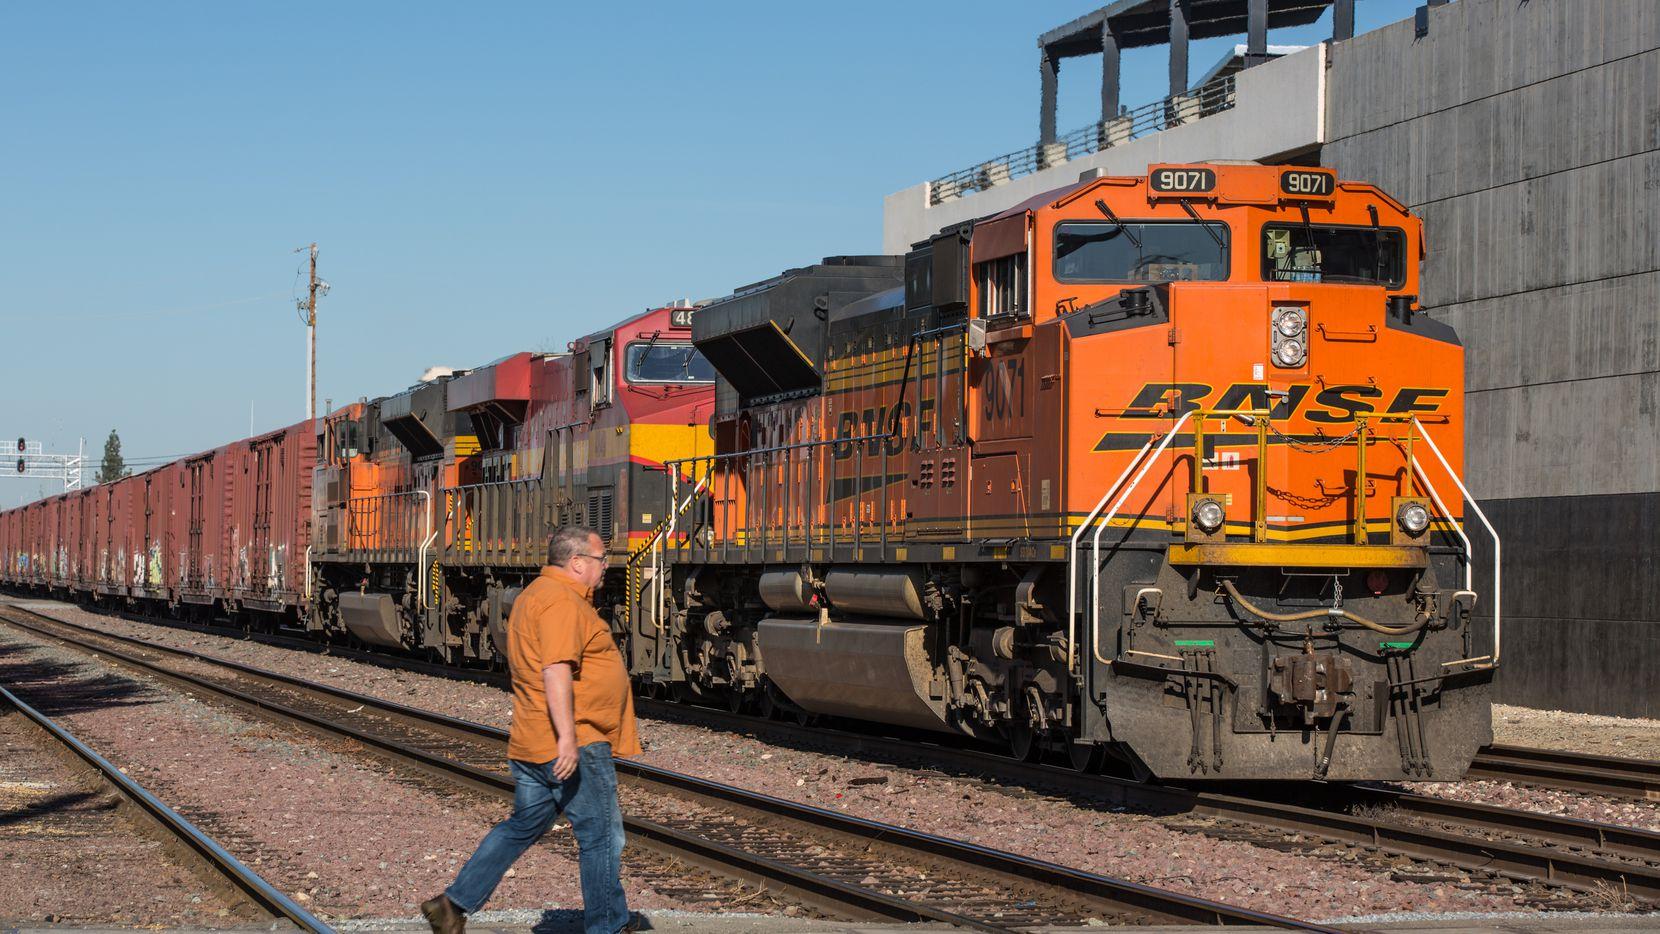 Un tren de Burlington Northern/Santa Fe en la estación de Bakersfield, California.